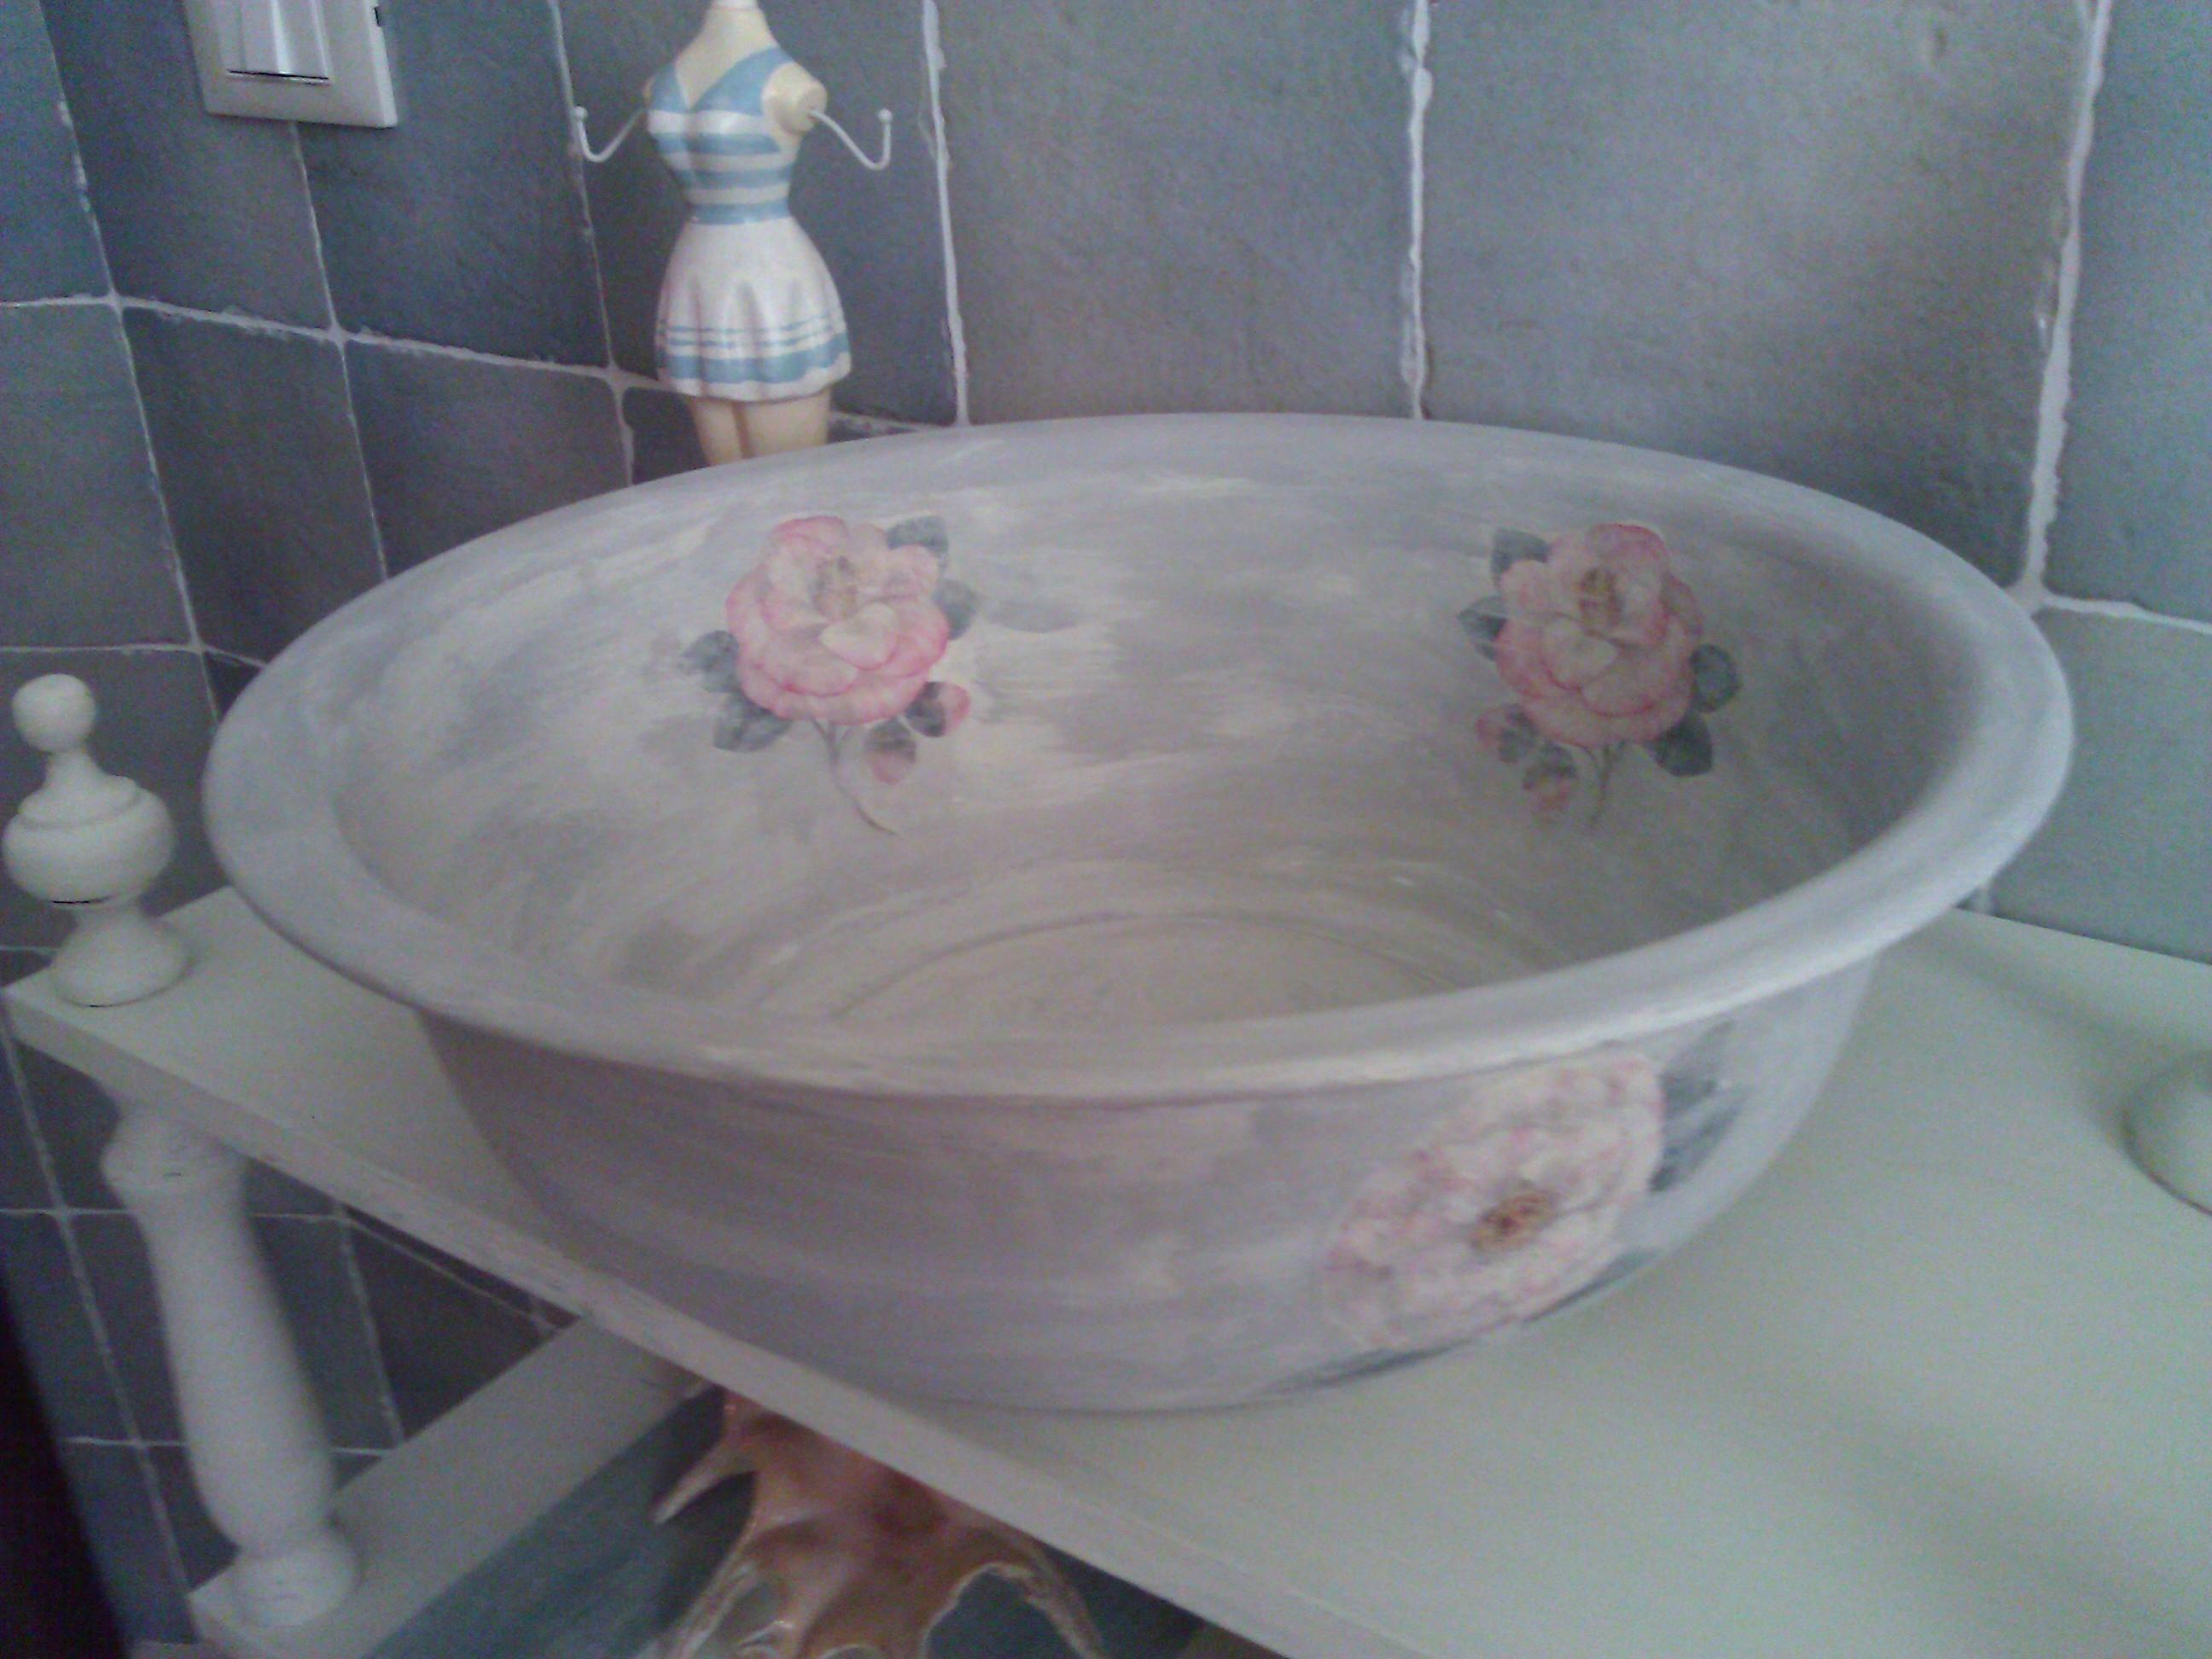 Antica bacinella della nonna adattata con decoupage allo stile Shabby.